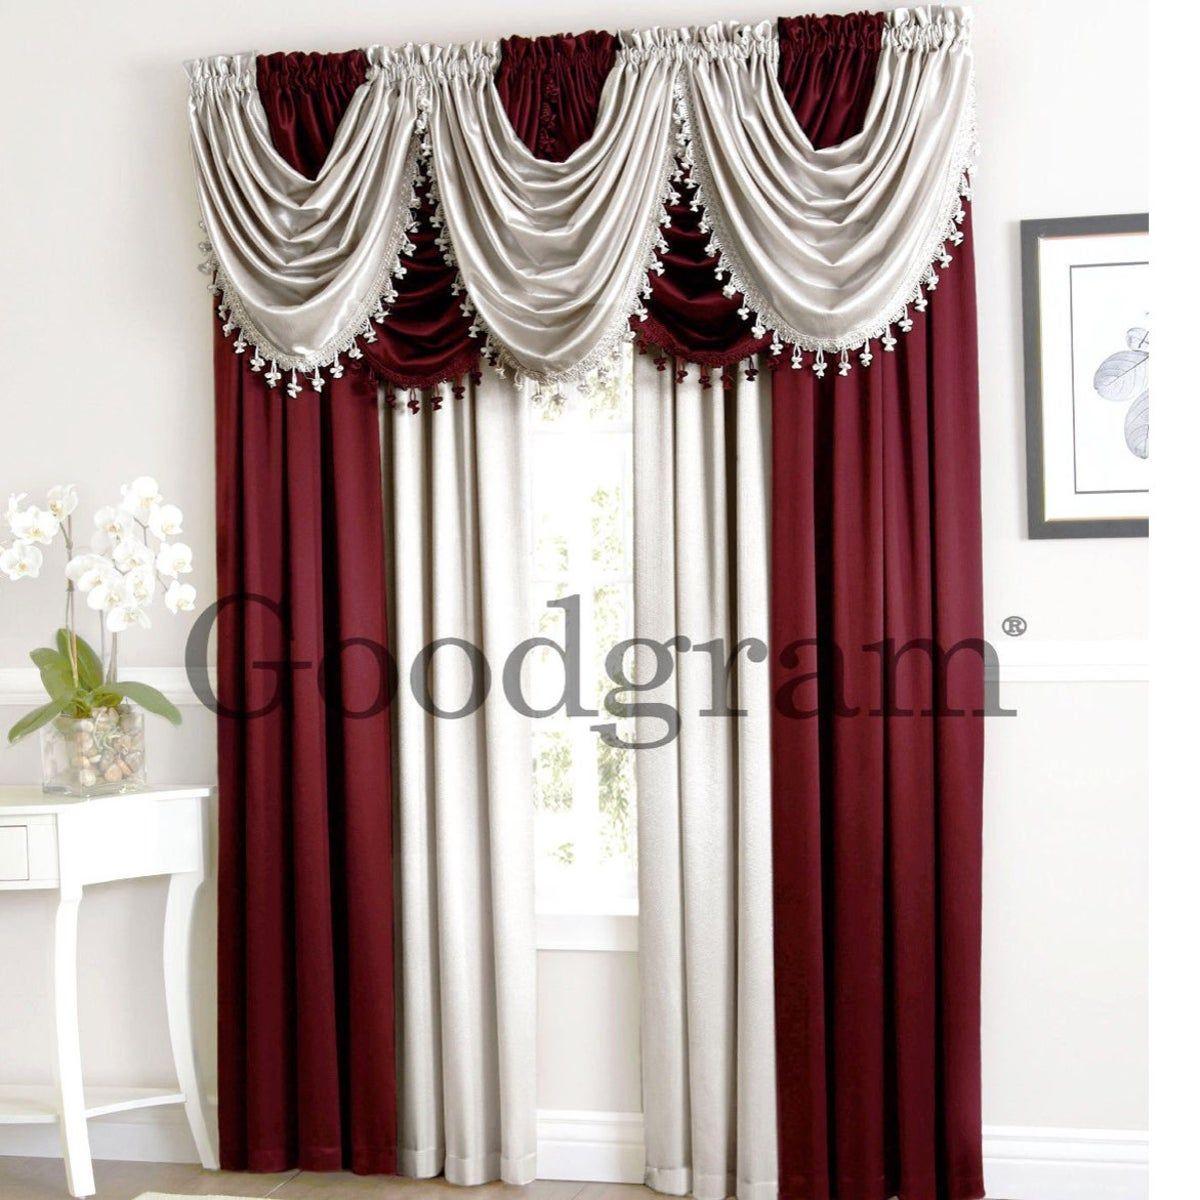 9pc Luxury Window Curtain Set New Cortinas Para La Sala Cortinas Lindas Cortinas Rojas